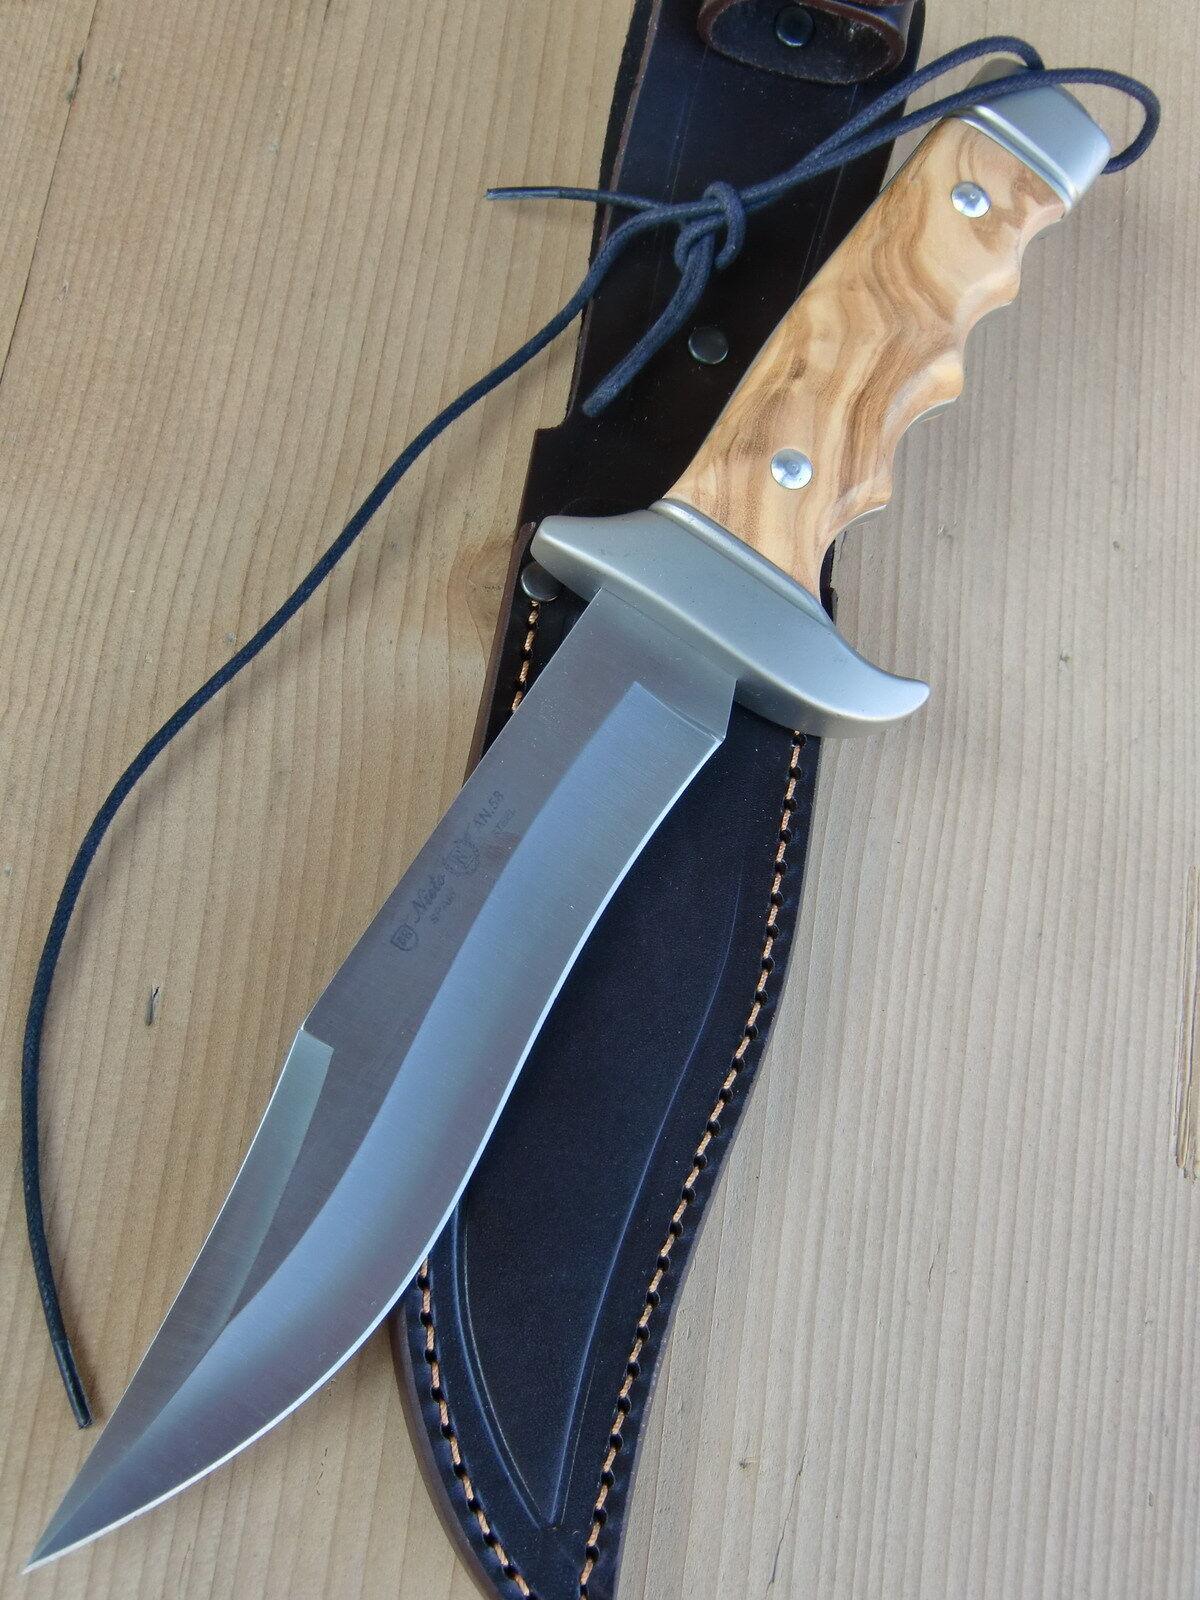 NIETO - Bowie Stahl AN.58 - Messer- Jagdmesser Bowiemesser Bowiemesser Bowiemesser - Olivenholz-Schalen f1d34f